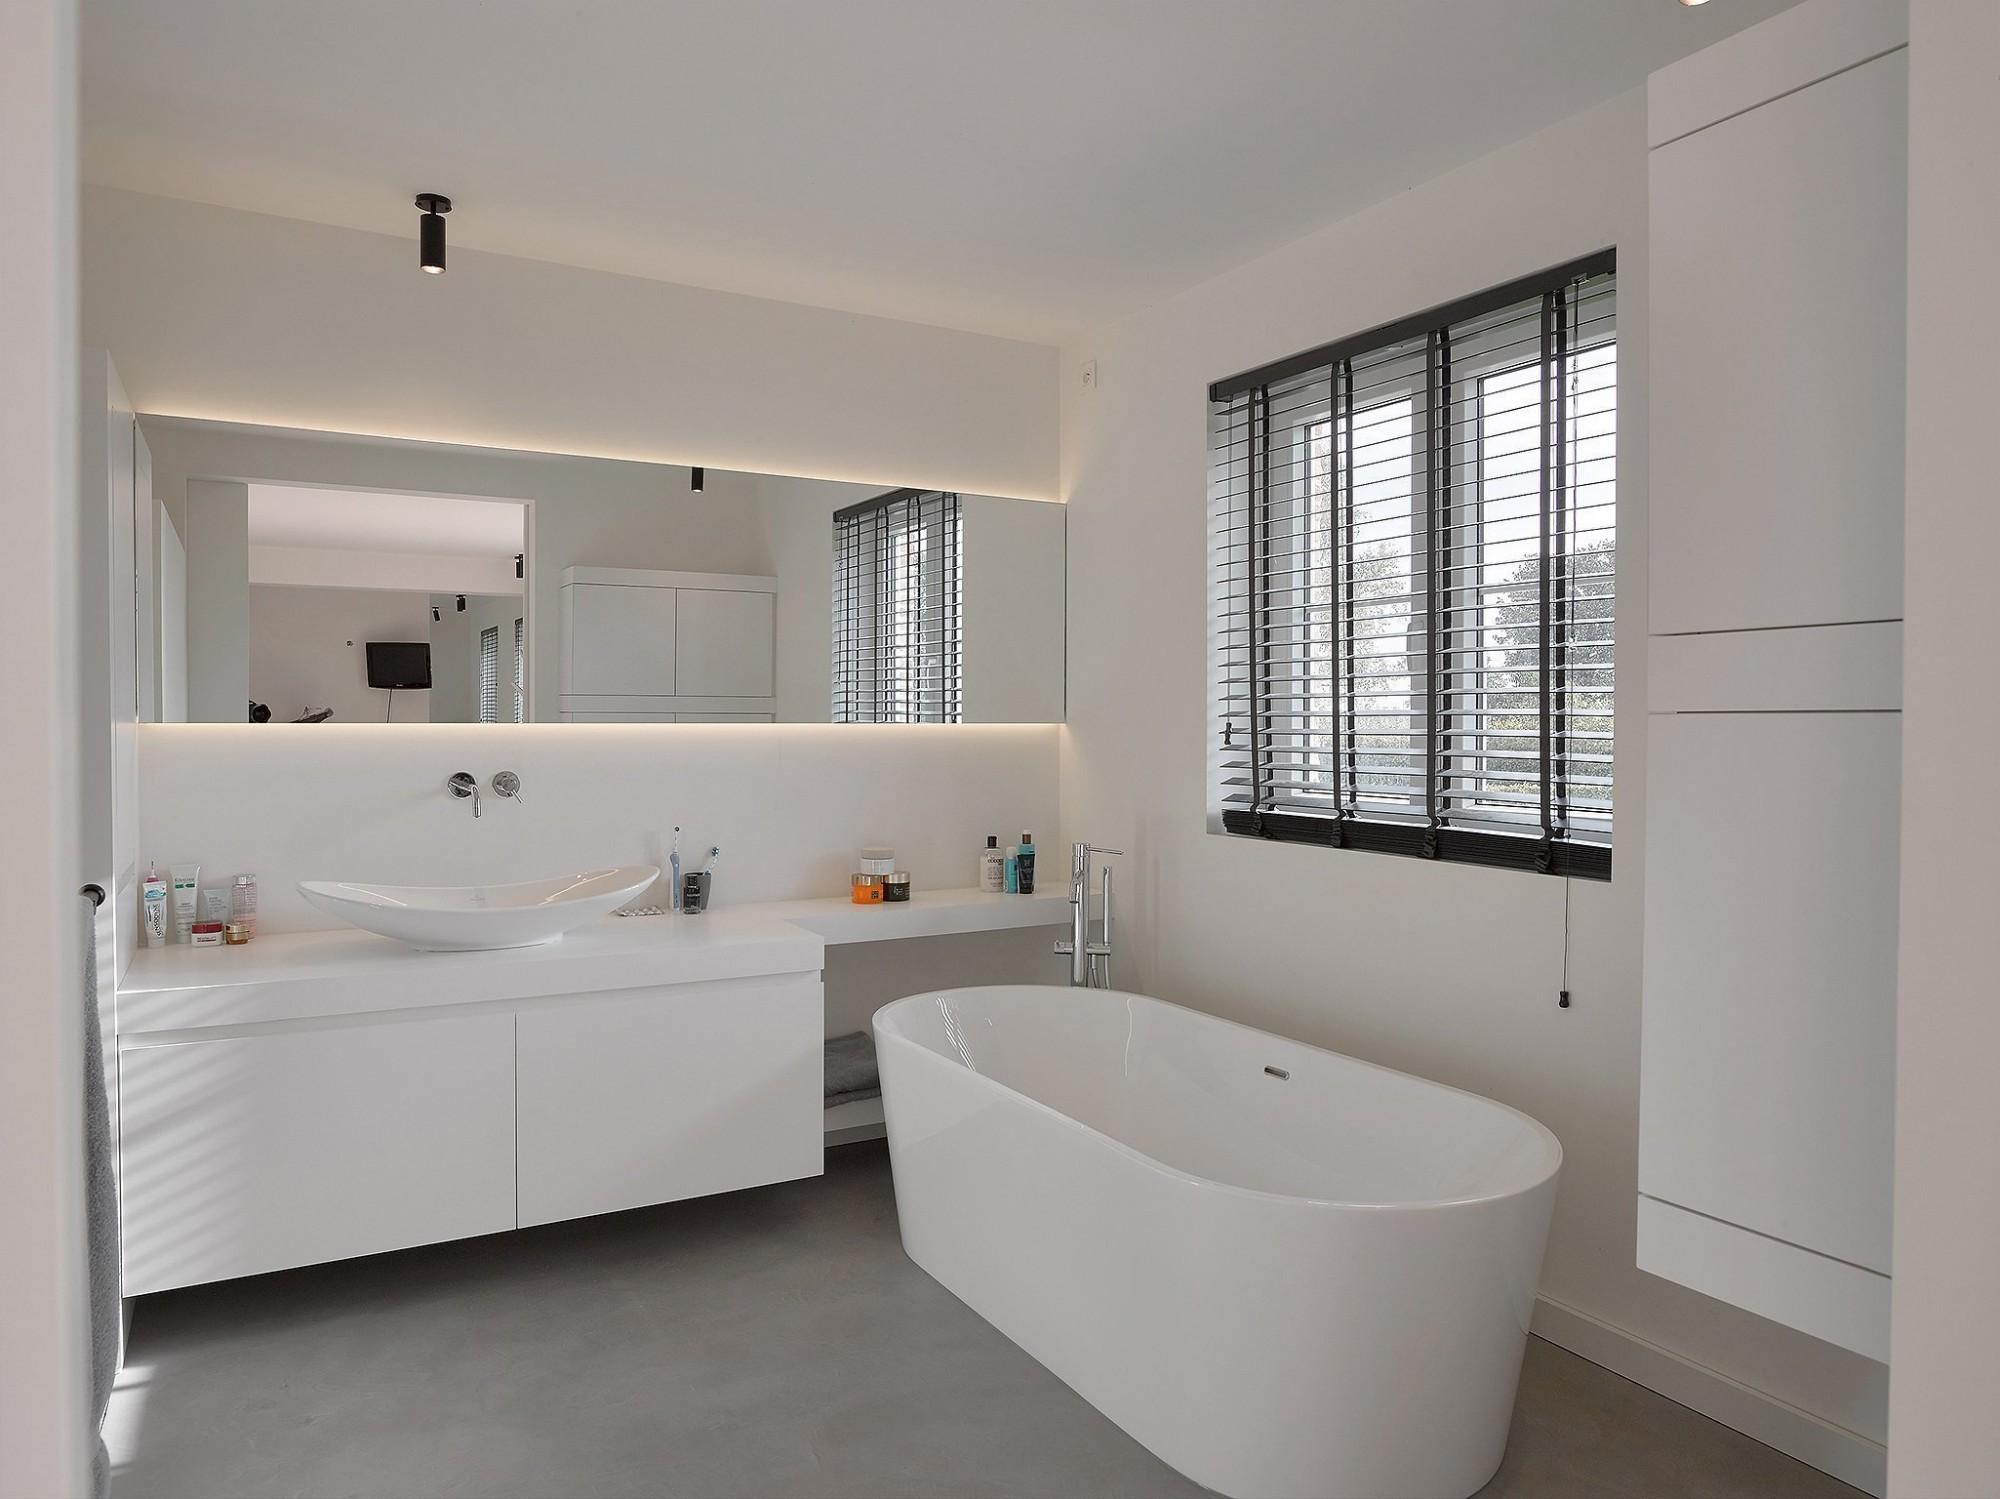 Afbeelding: Fotografie interieur badkamer te Essen voor bouwbedrijf Menbo.